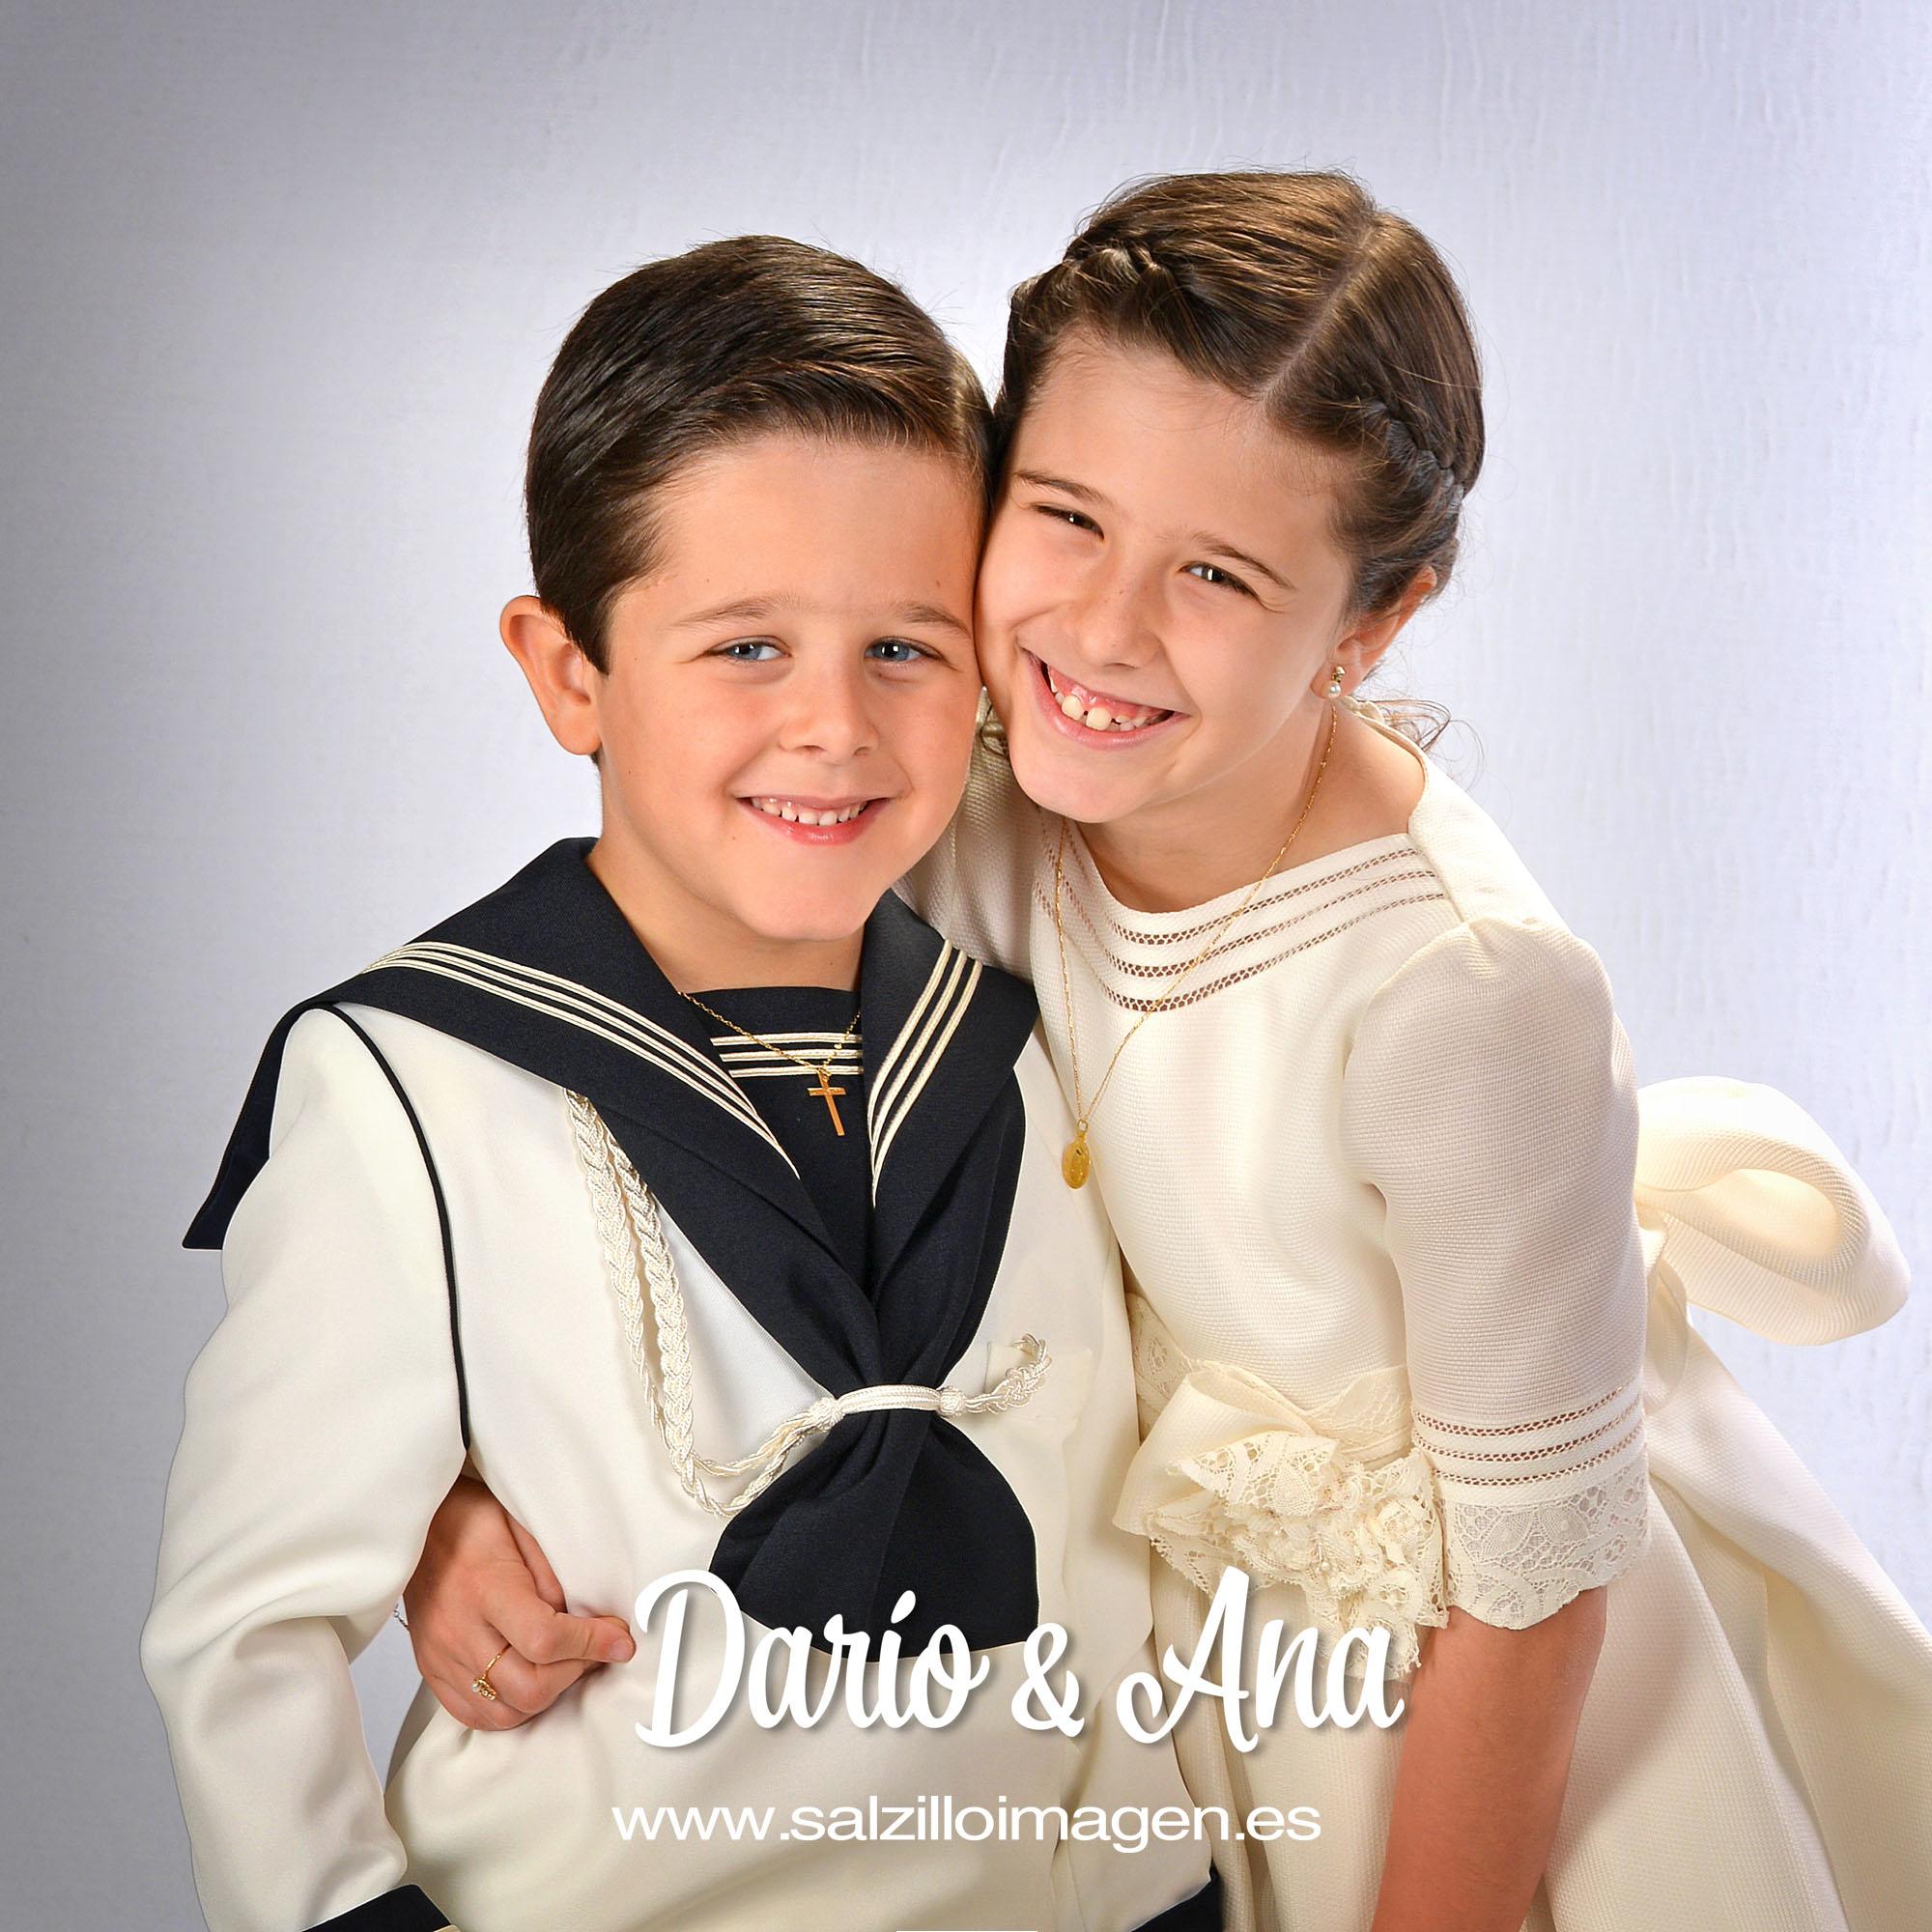 Ana y Dario